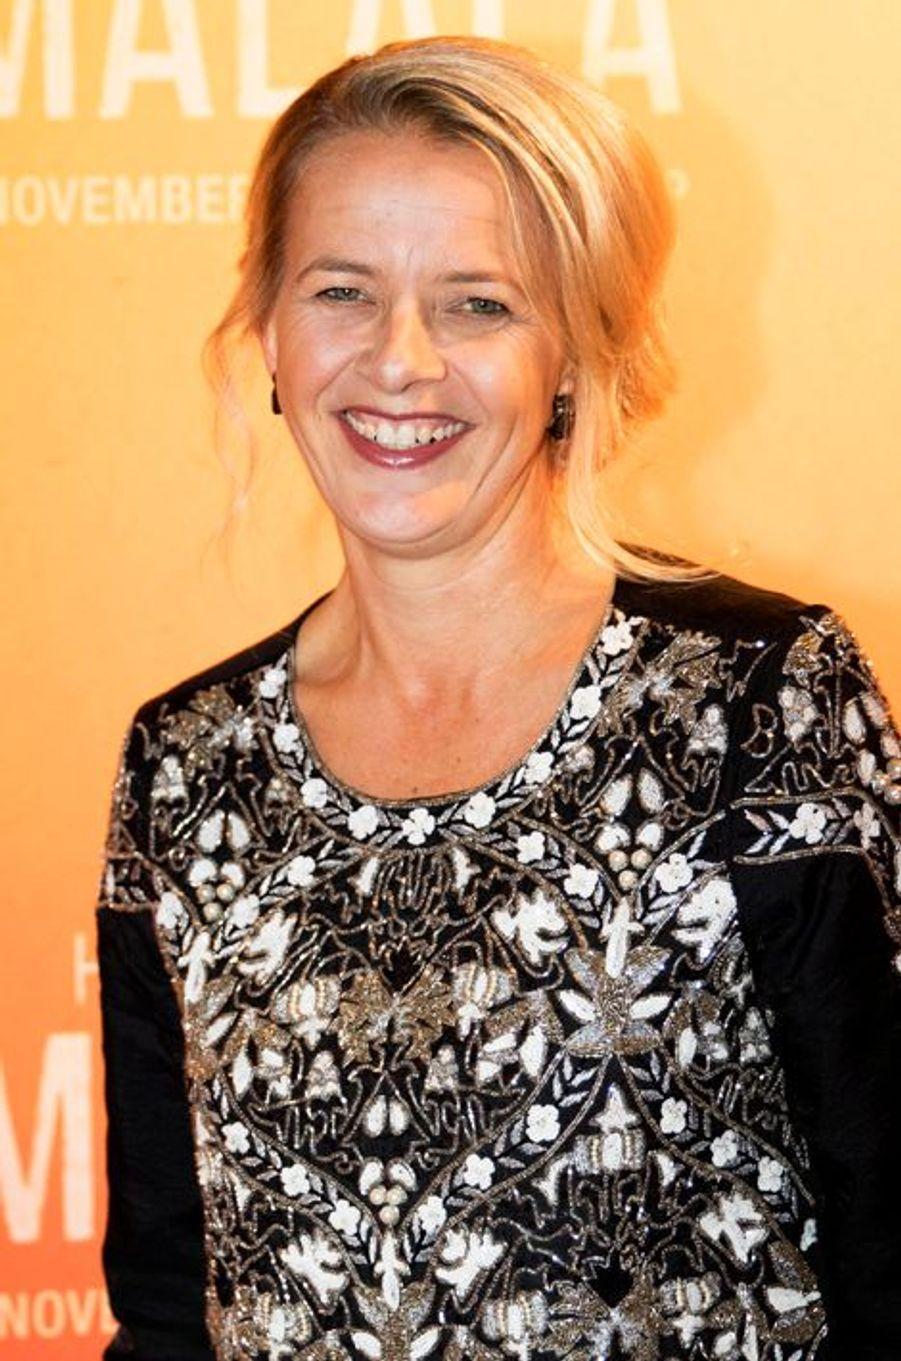 La princesse Mabel des Pays-Bas à Hilversum, le 1er novembre 2015